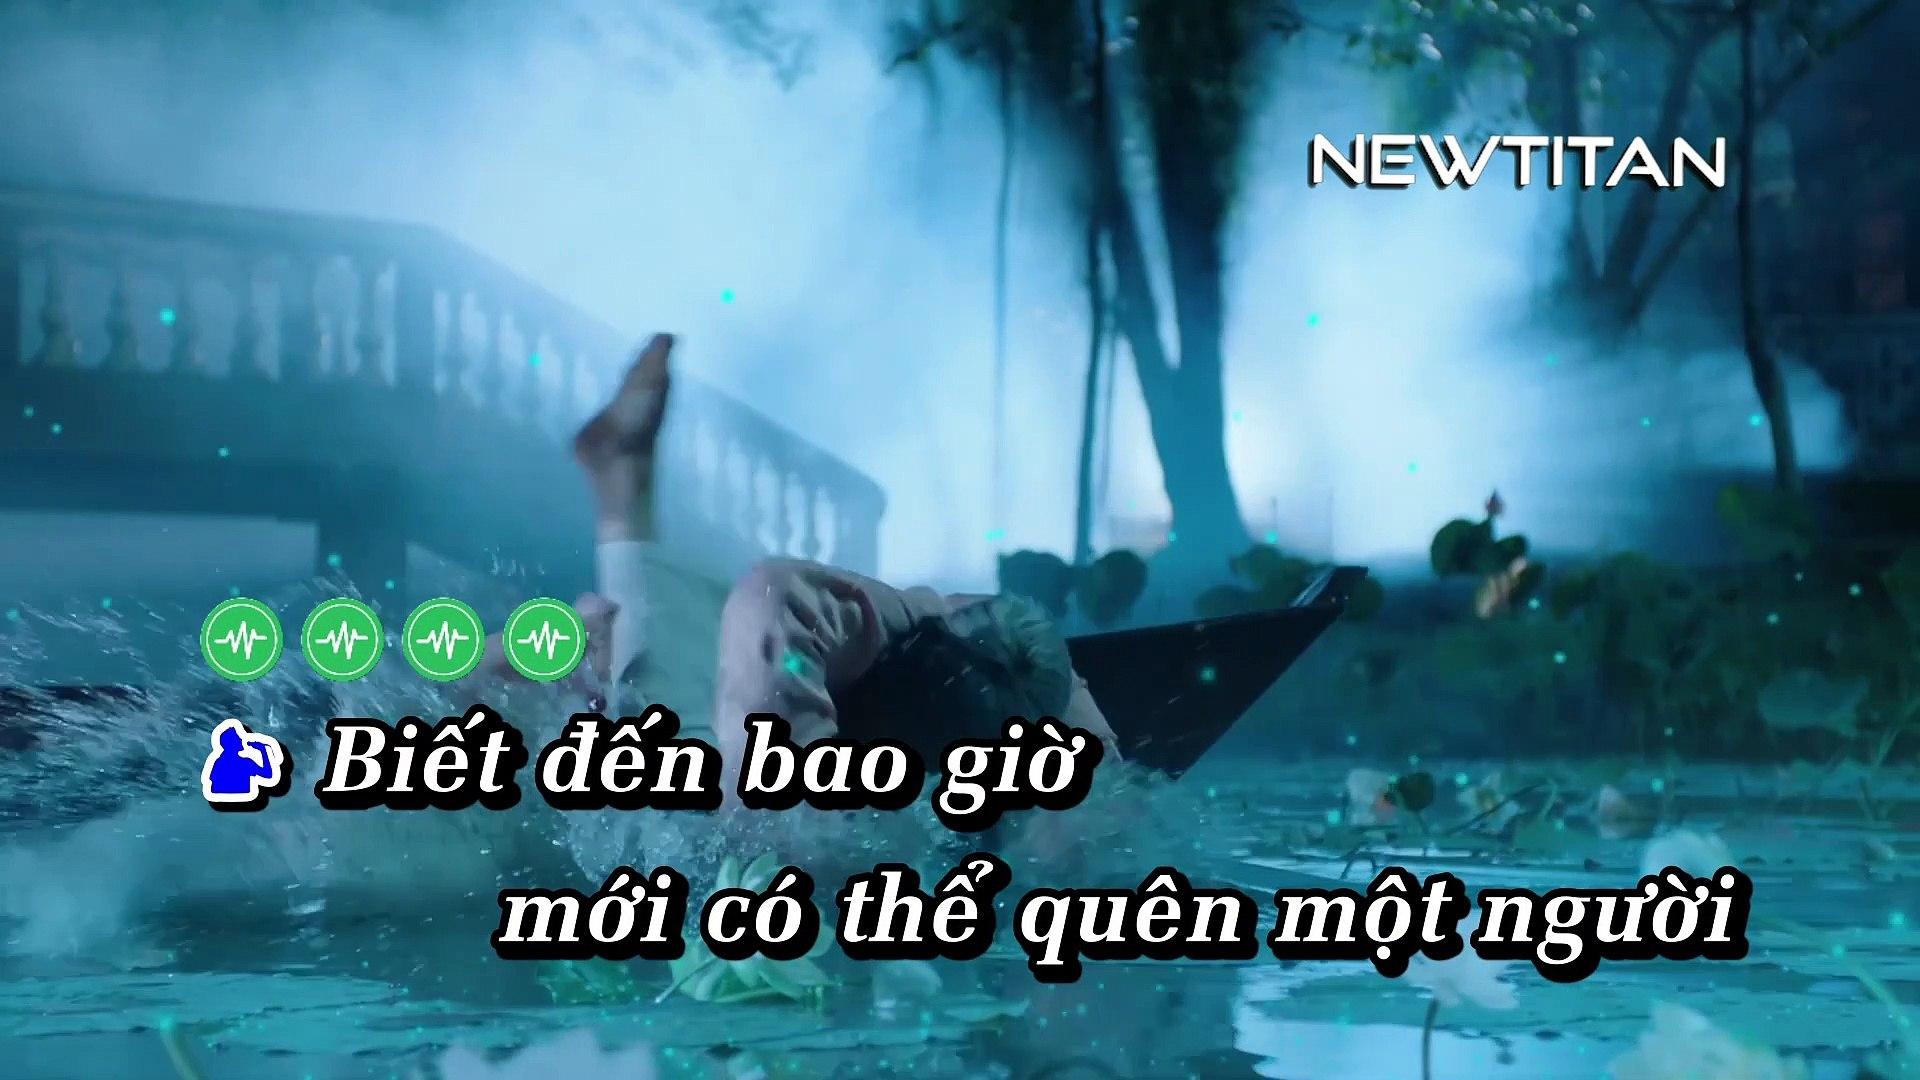 [Karaoke] Tự Tâm - Nguyễn Trần Trung Quân [Beat Gốc]